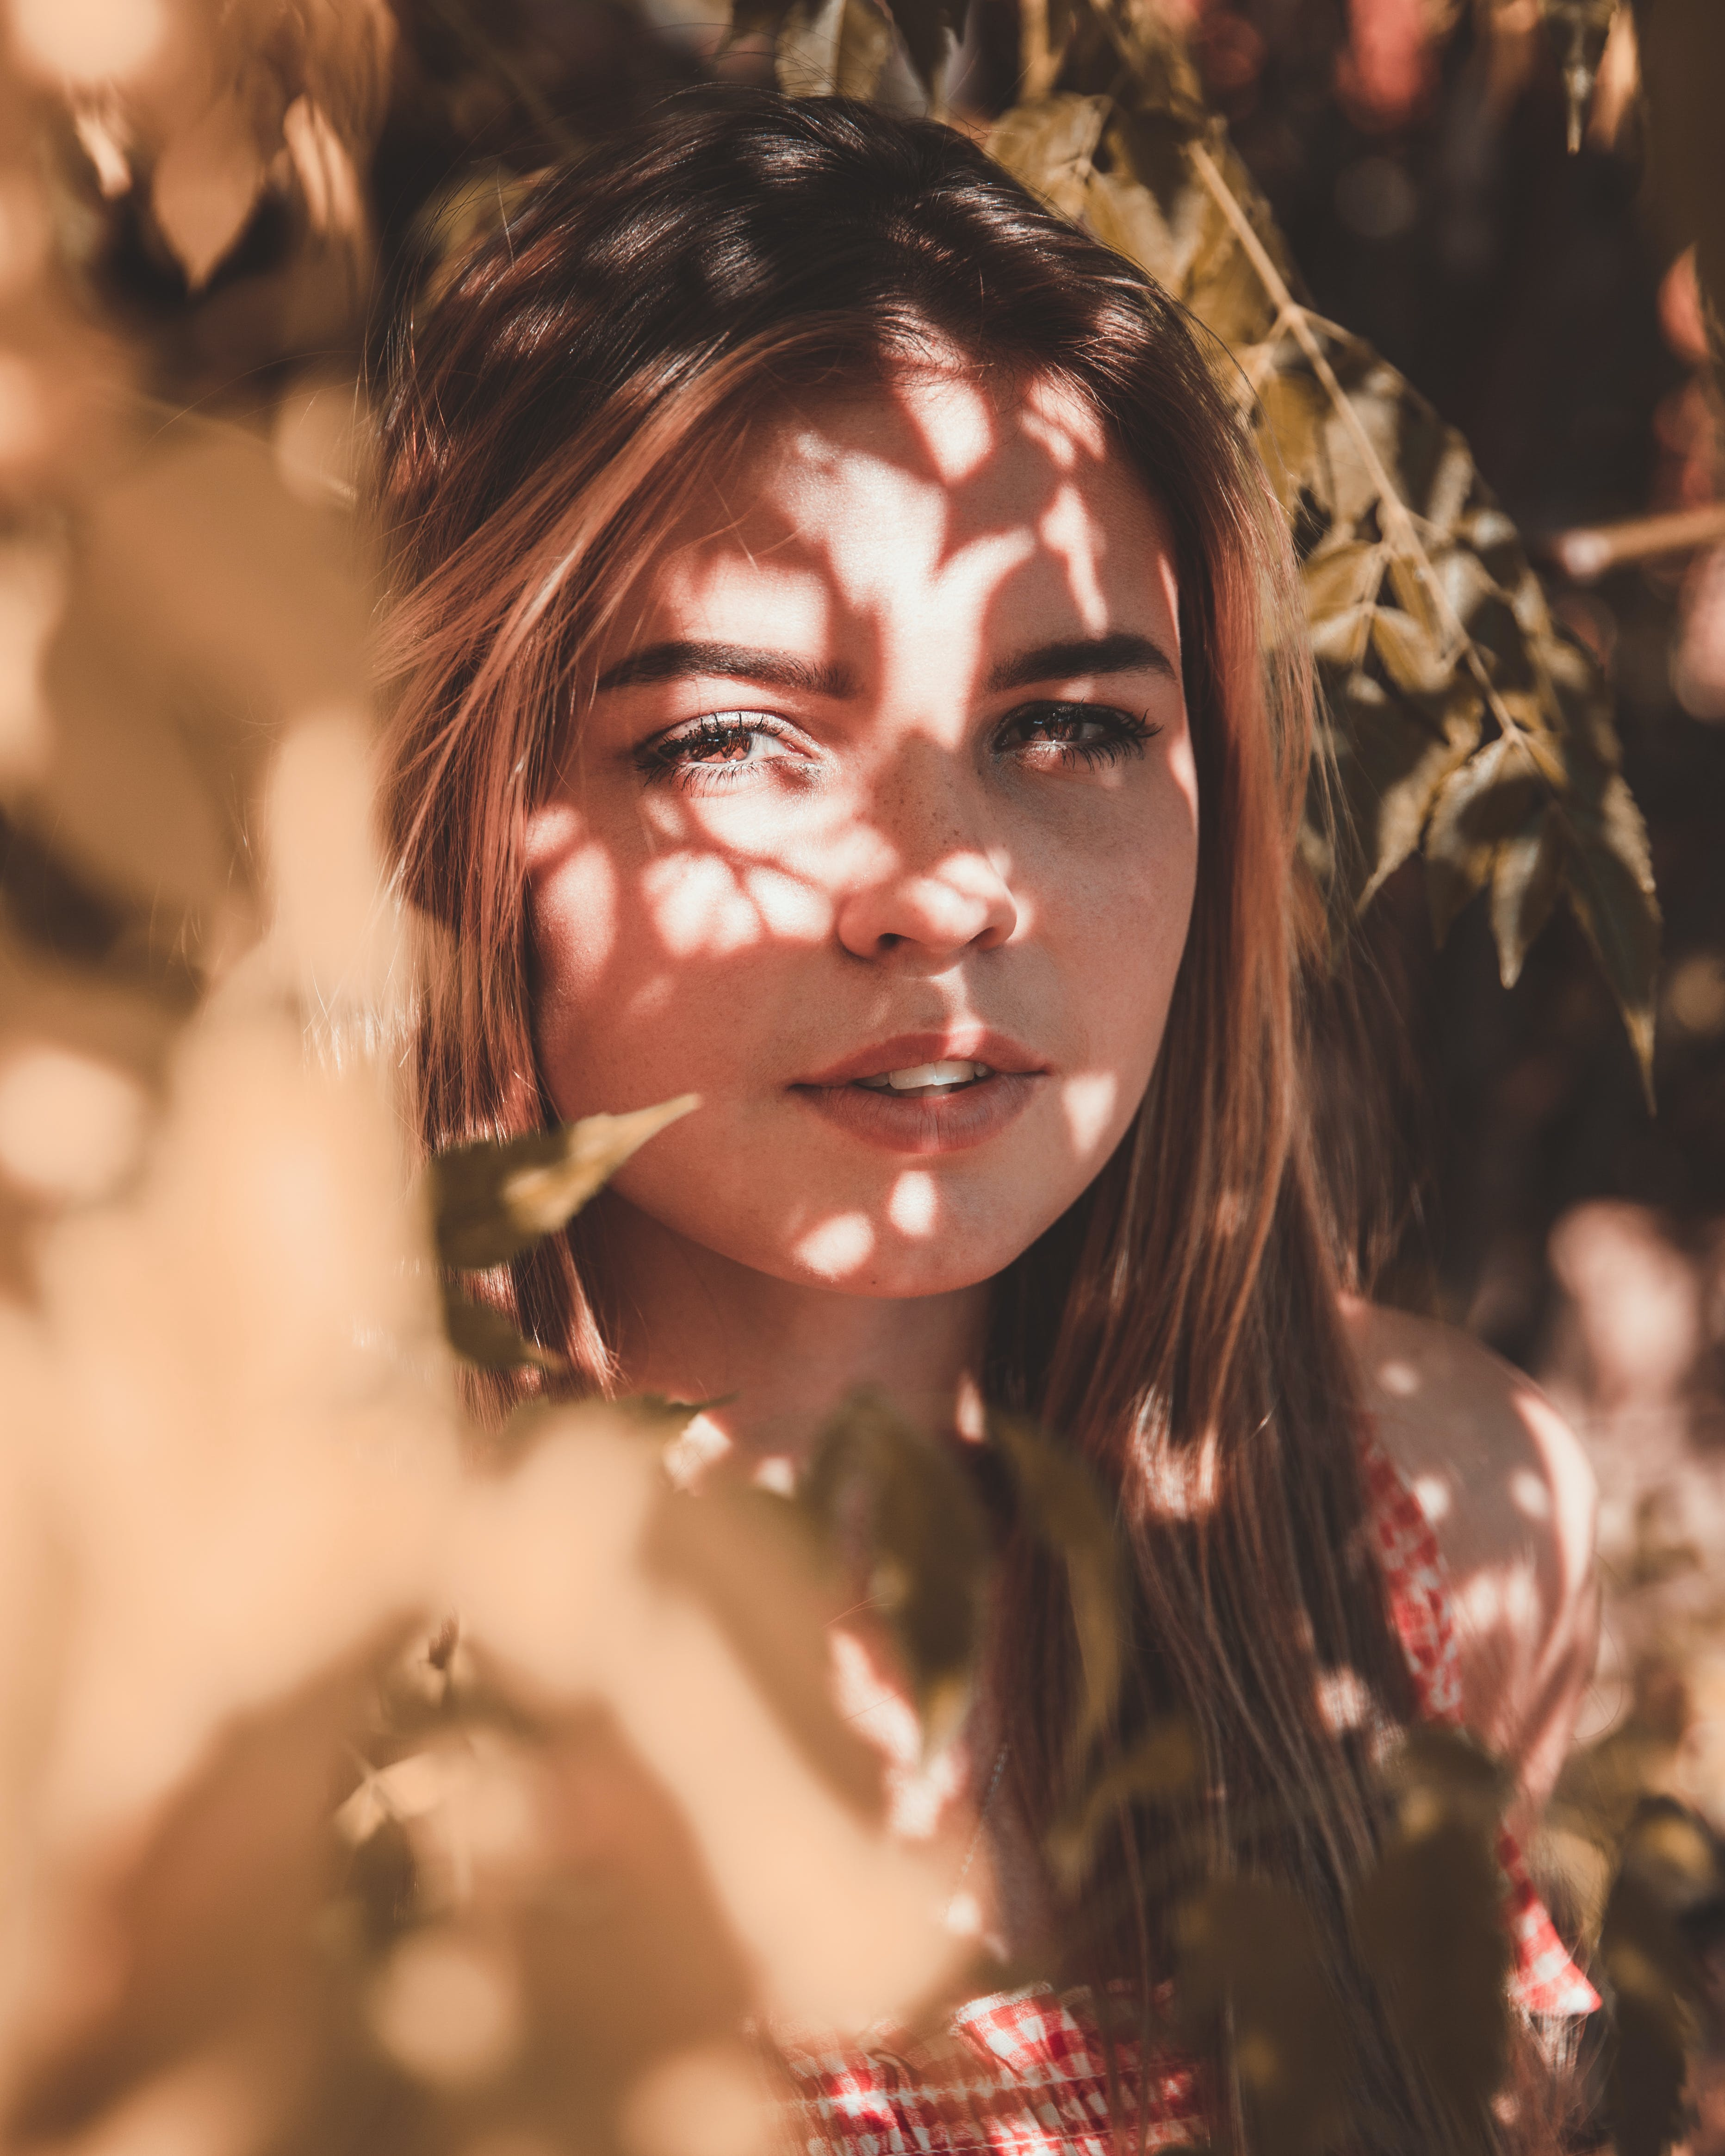 Foto stok gratis bagus, kaum wanita, keindahan, model